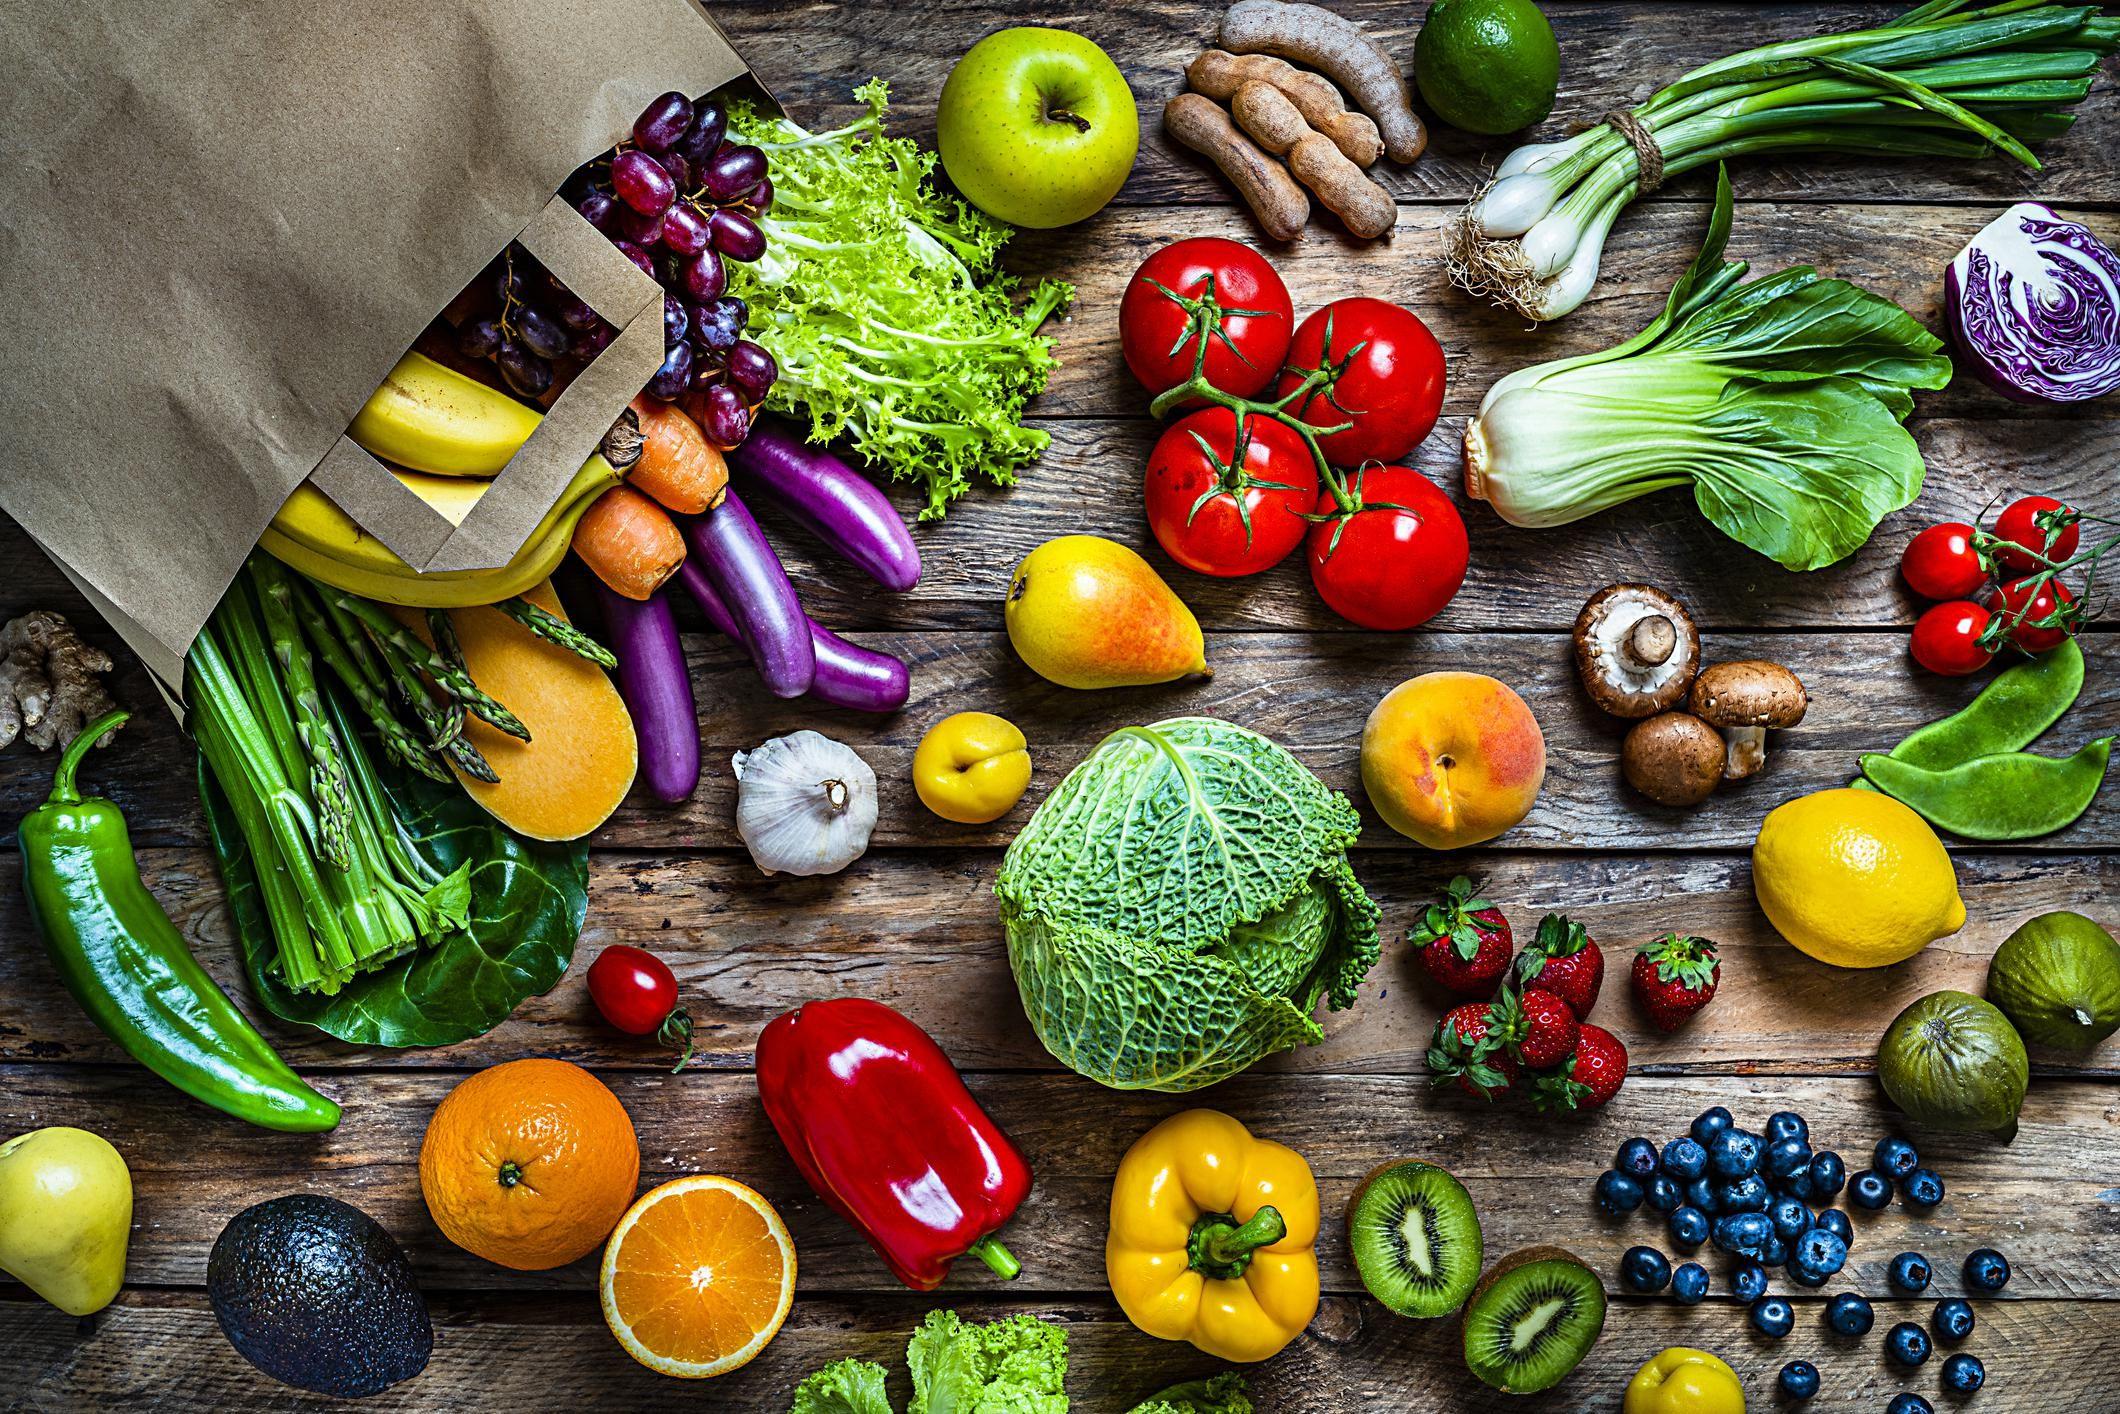 อาหารเพื่อสุขภาพ: ถุงกระดาษสีน้ำตาลที่เต็มไปด้วยผักและผลไม้ออร์แกนิกสดหลากสีที่ถ่ายจากด้านบนบนโต๊ะไม้แบบชนบท  ผักและผลไม้ที่รวมอยู่ในองค์ประกอบ ได้แก่ แอปเปิ้ลสตรอเบอร์รี่กล้วยกีวีส้มลูกแพร์องุ่นมะขามบลูเบอร์รี่พีชมะนาวมะนาวมะเดื่อคะน้ามะเขือเทศสควอชหน่อไม้ฝรั่งมันฝรั่งขึ้นฉ่ายมะเขือม่วงแครอท ผักกาดหอมเห็ดกินได้พริกหวานกะหล่ำขิงหัวไชเท้าอะโวคาโดหัวหอมพริกข้าวโพดและอื่น ๆ